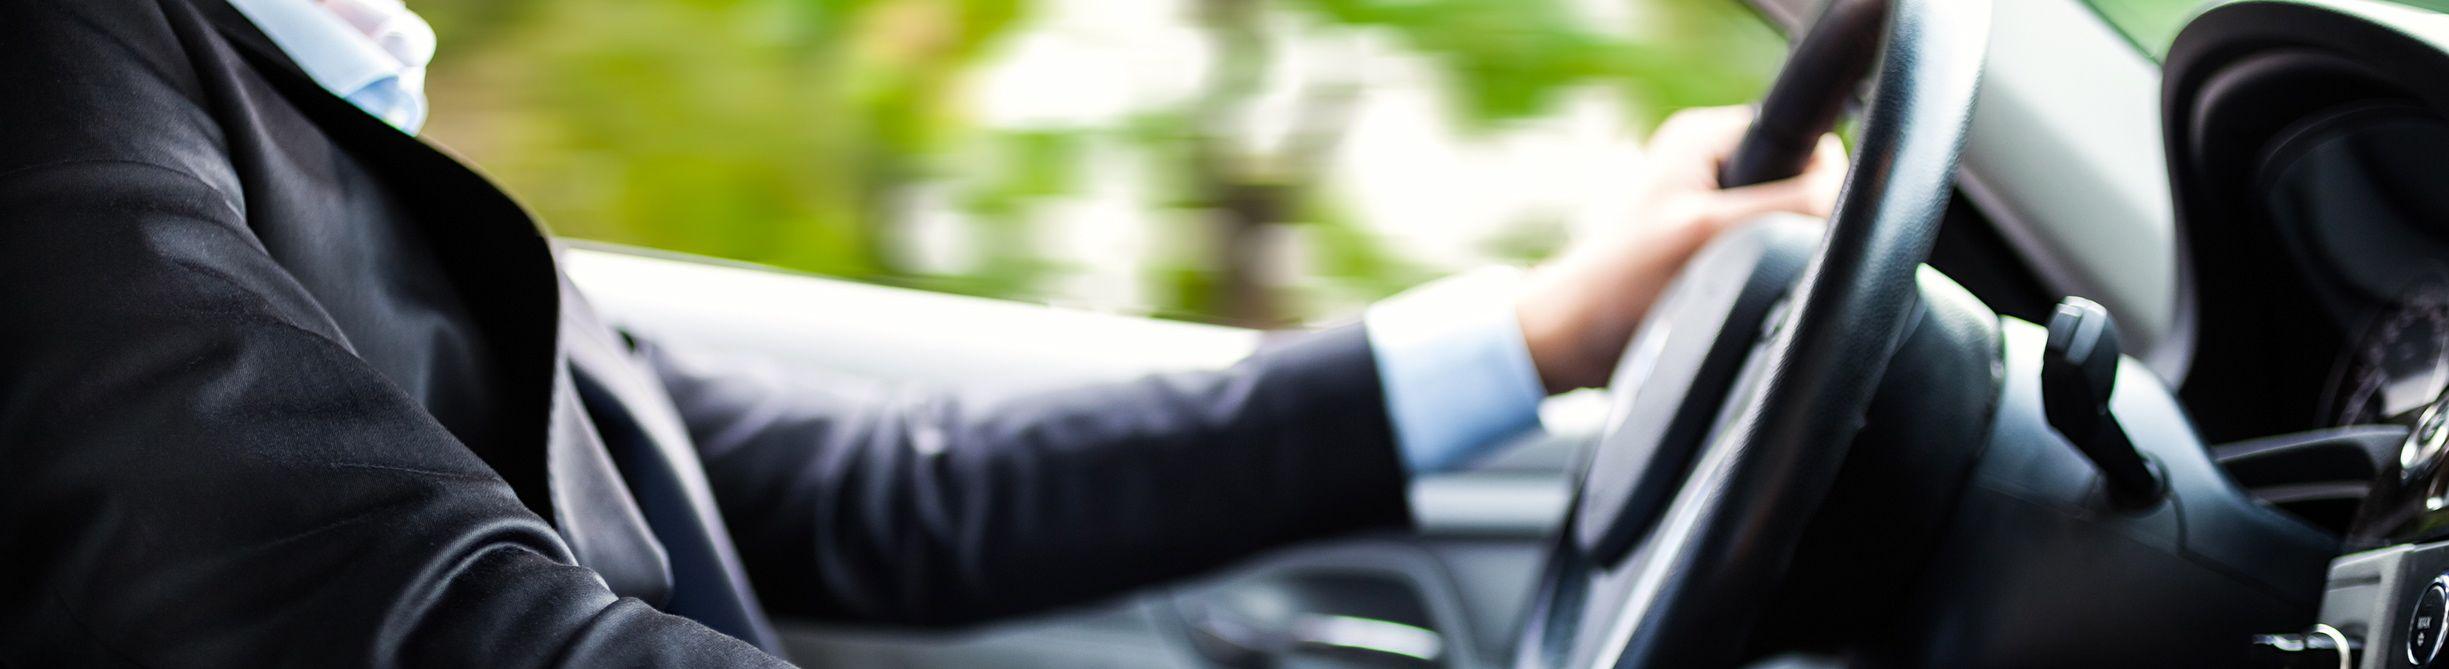 Servizio Taxi a Seveso